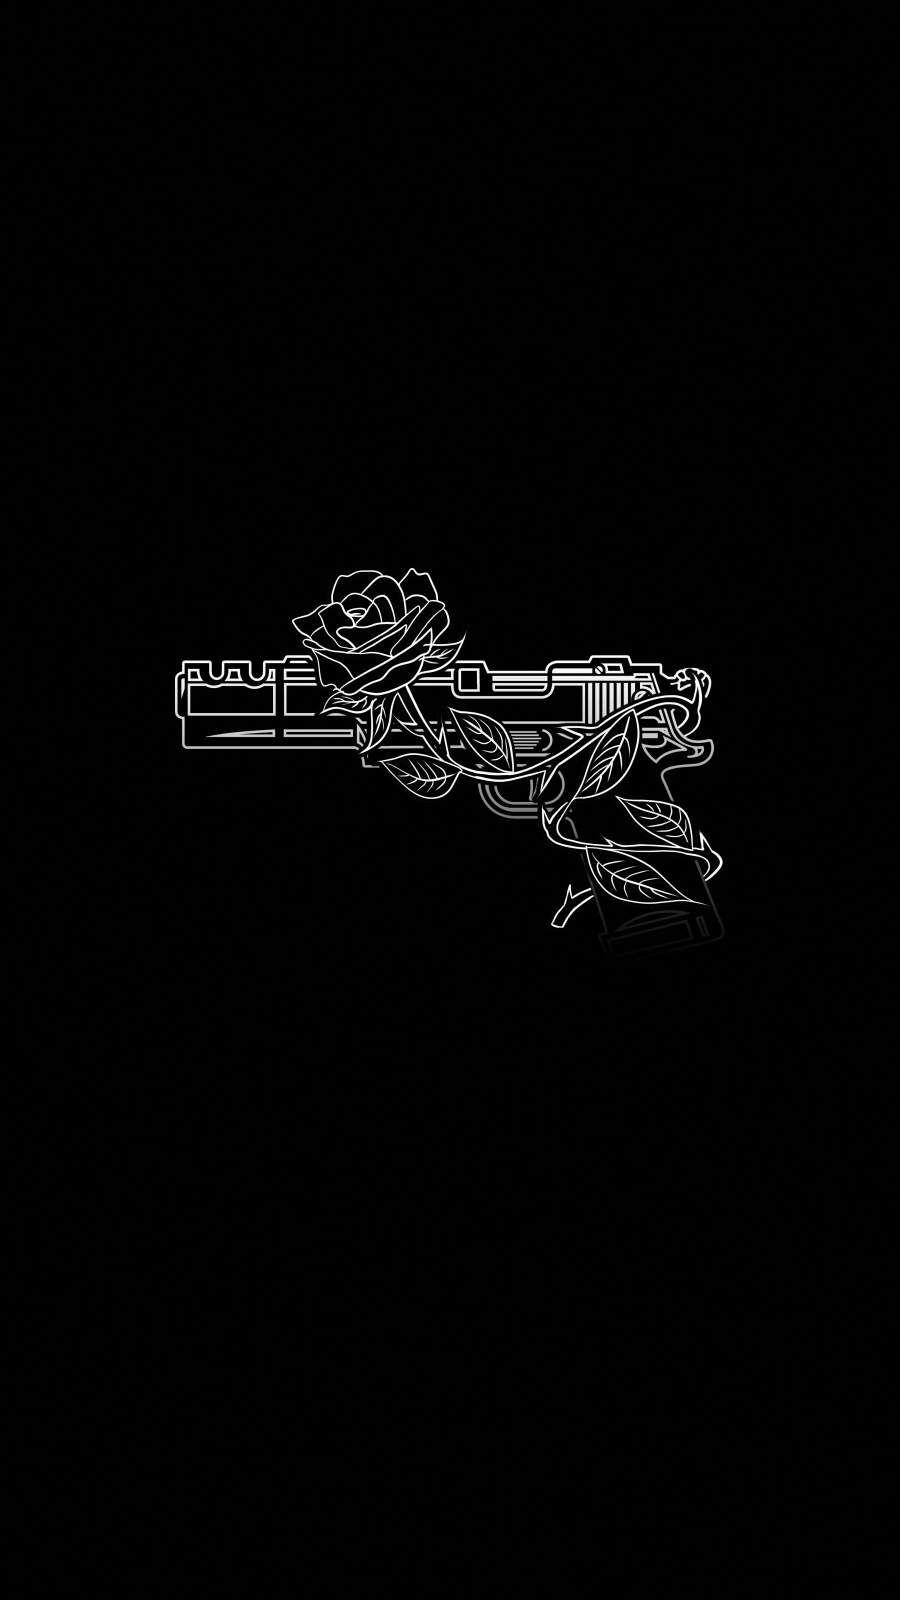 Gun And Rose IPhone Wallpaper - IPhone Wallpapers